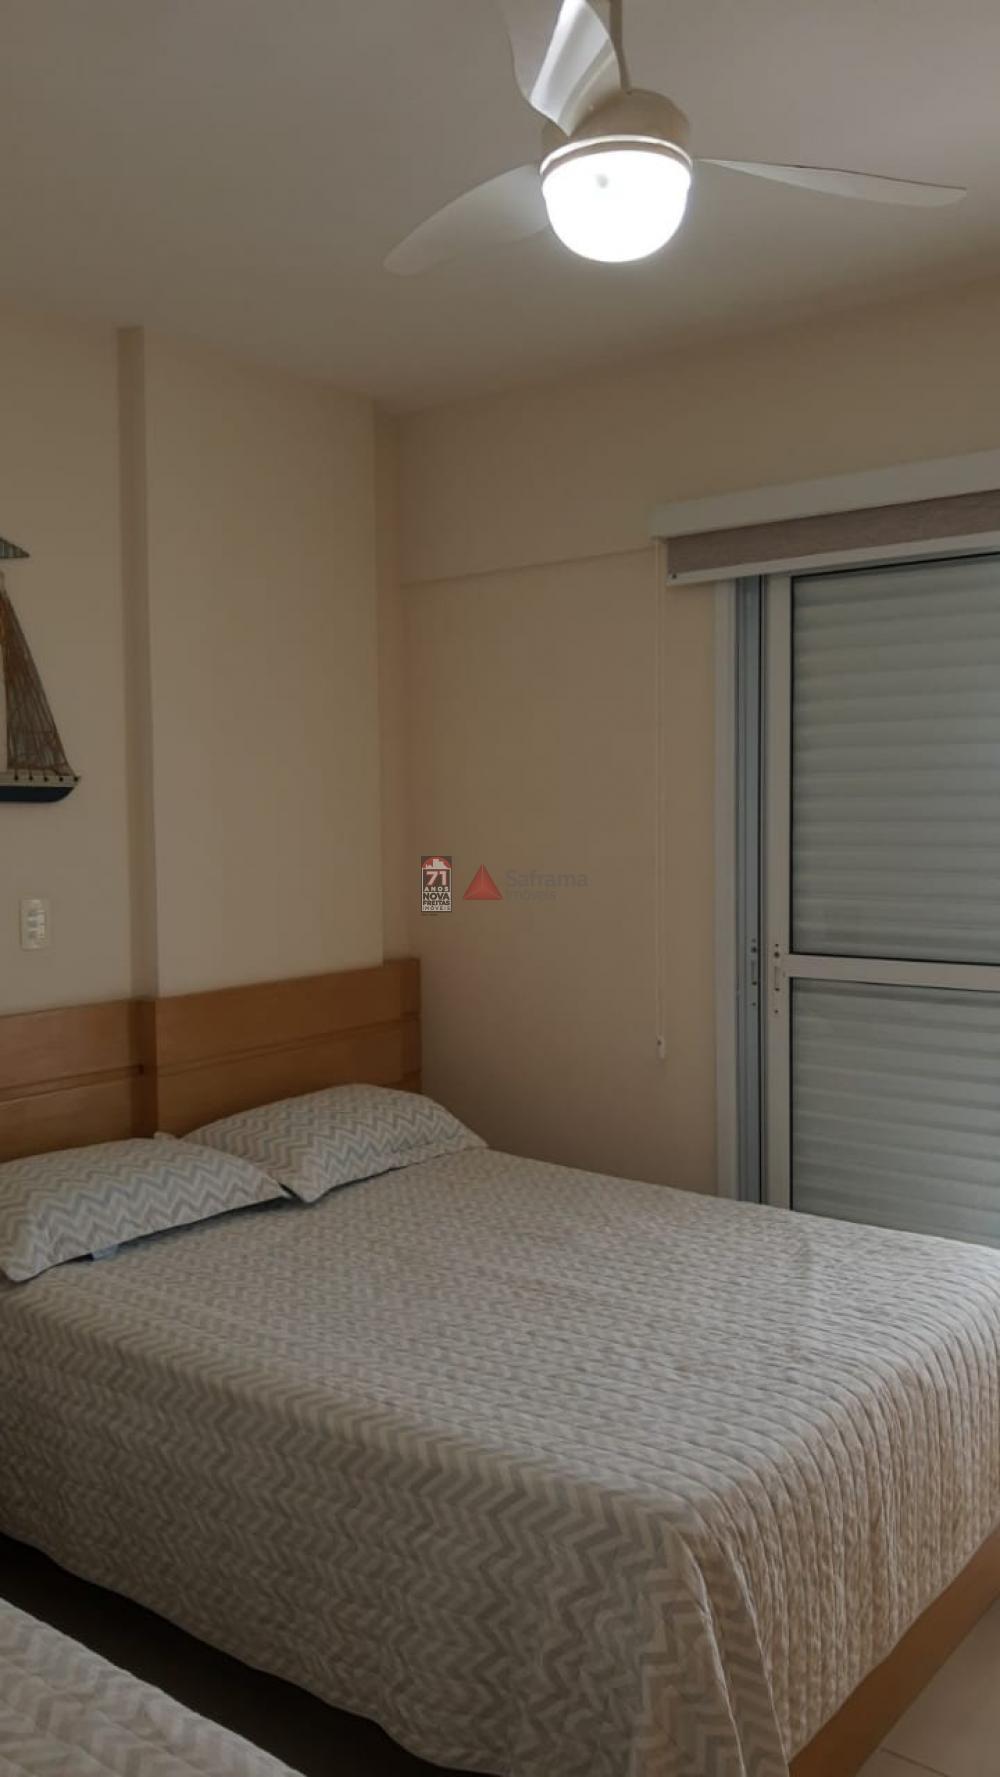 Comprar Apartamento / Padrão em Caraguatatuba apenas R$ 950.000,00 - Foto 21